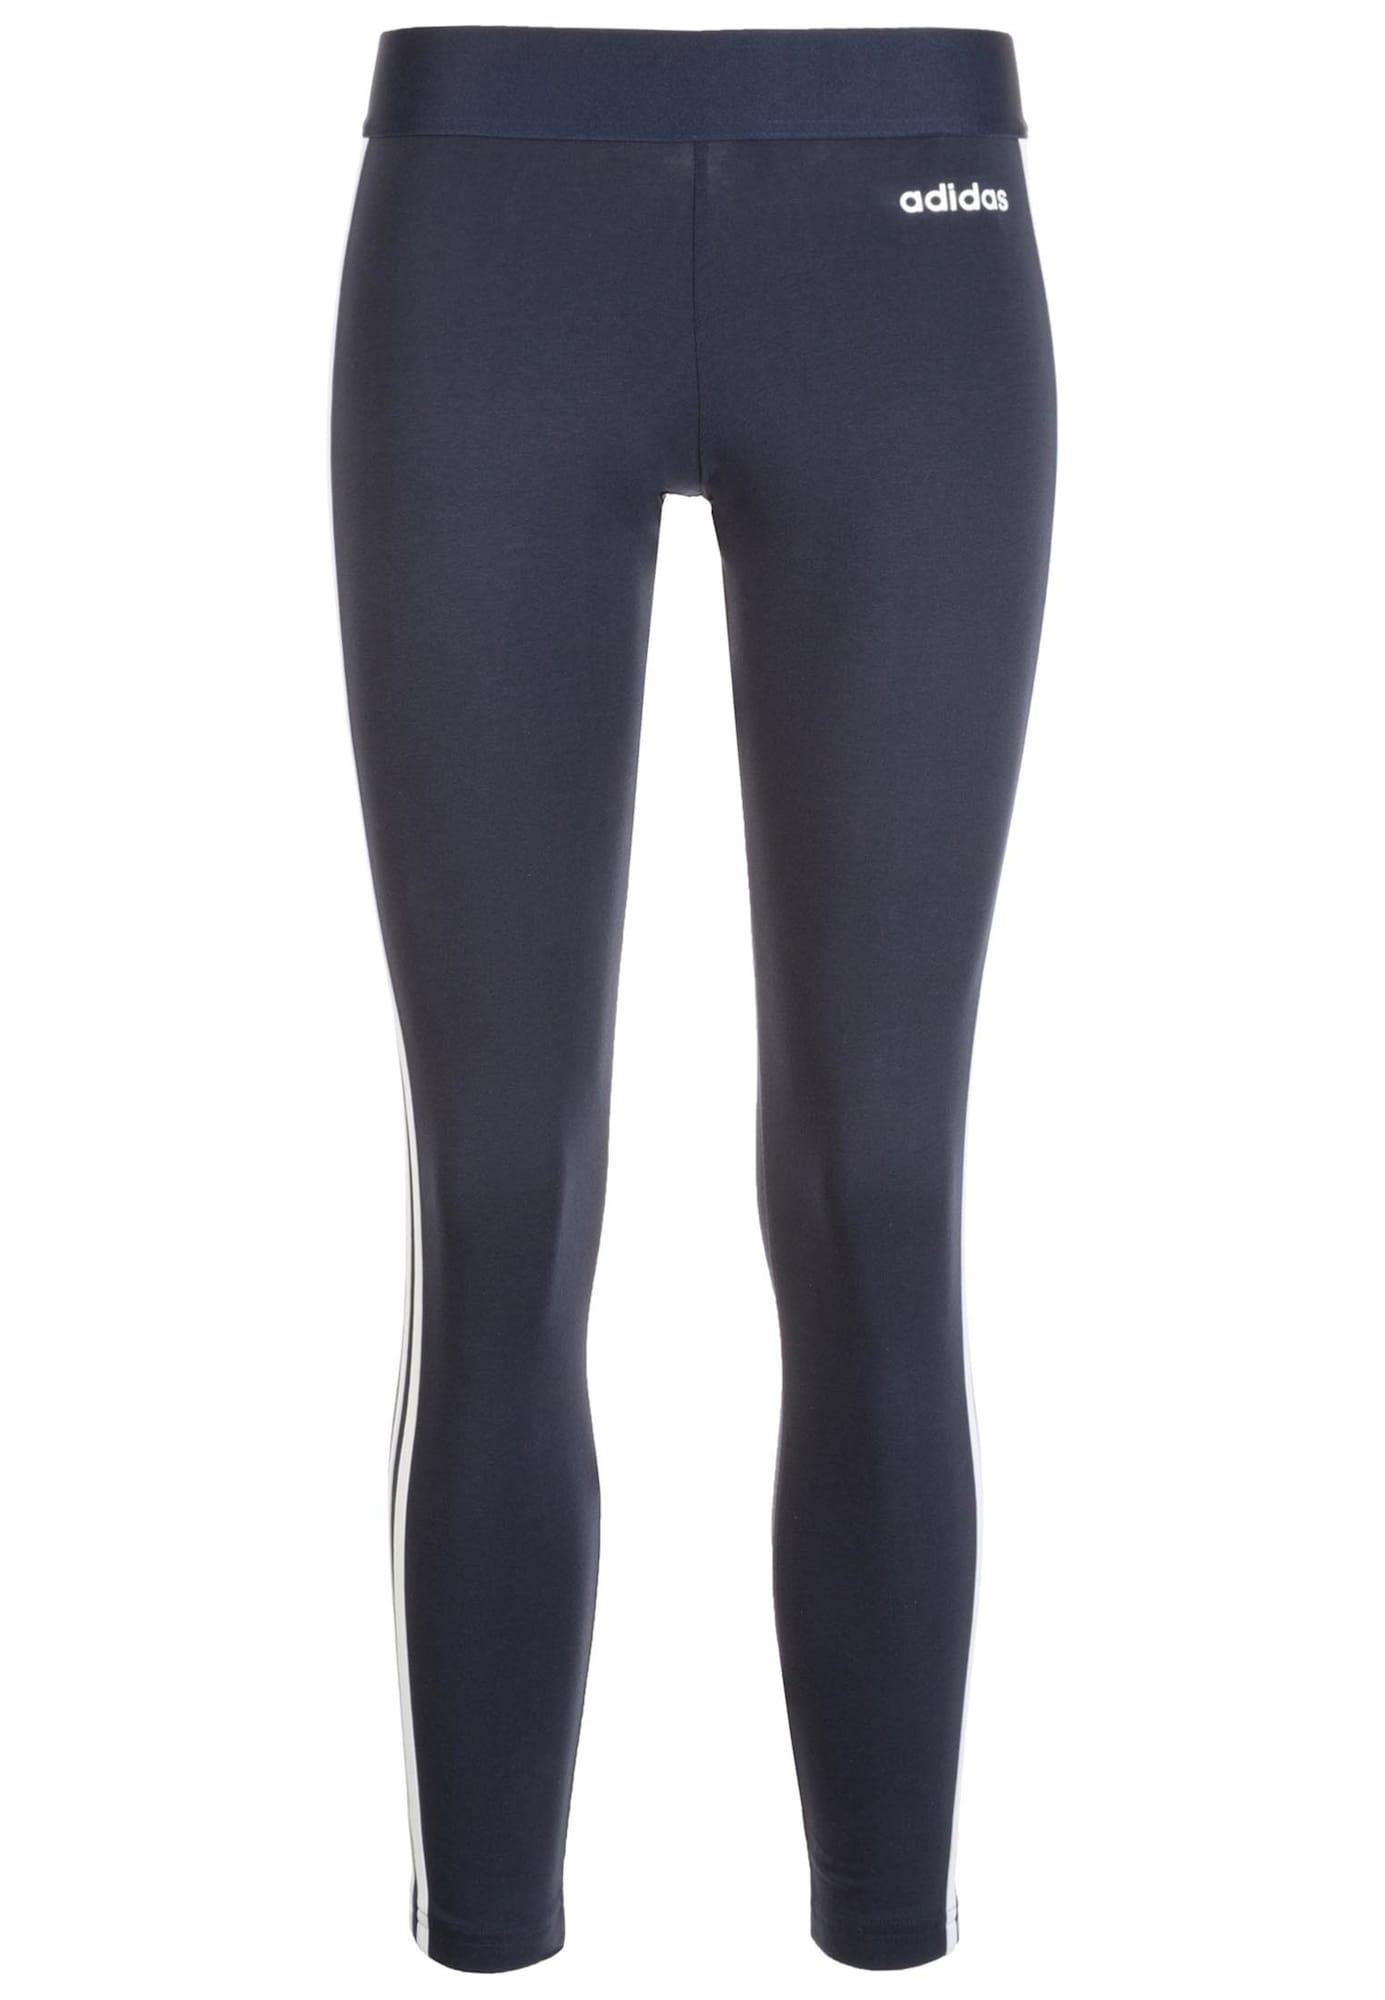 ADIDAS PERFORMANCE Sportinės kelnės 'Essentials Linear' balta / tamsiai mėlyna